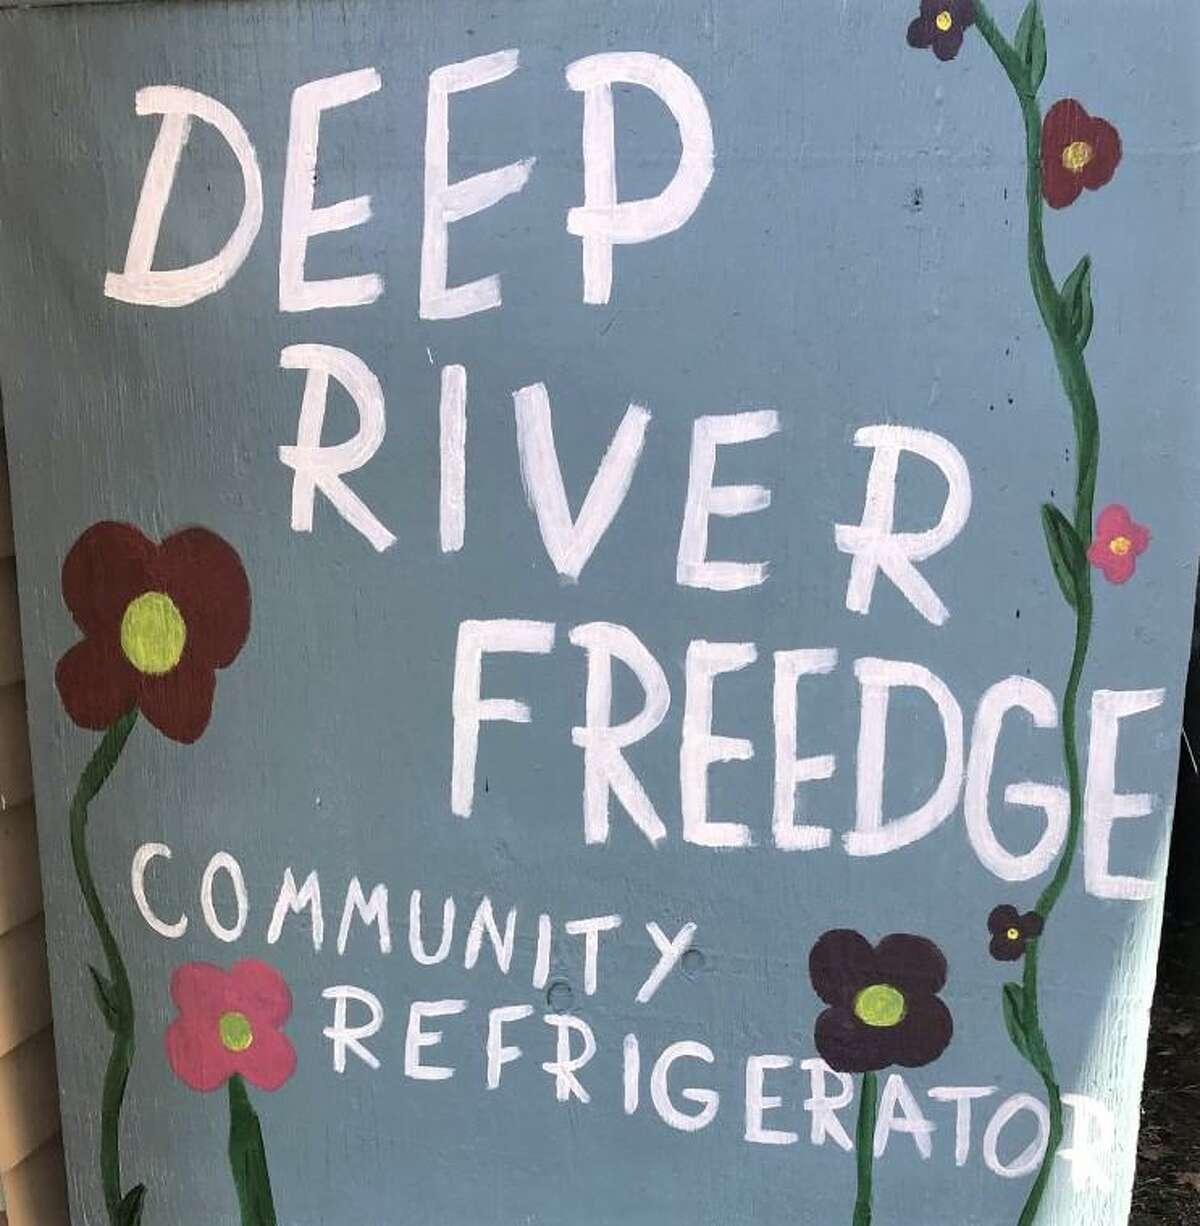 Bennett's Books' Deep River Freedge